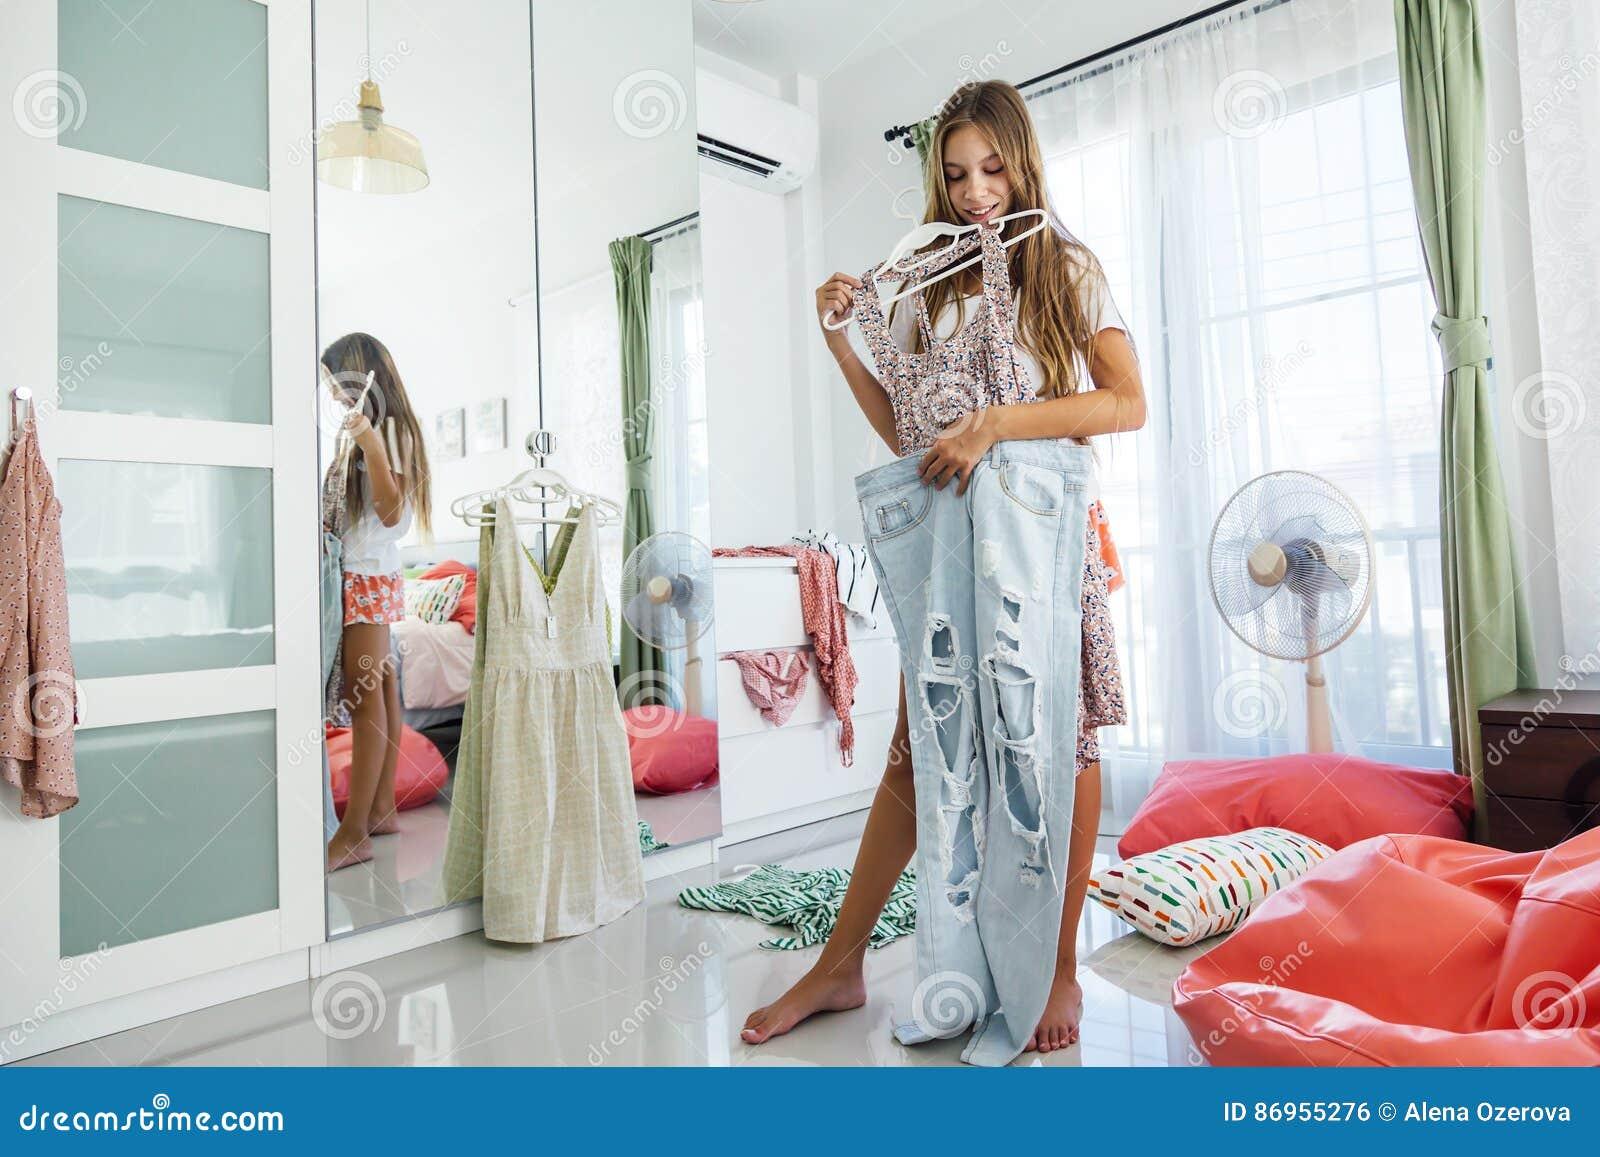 adolescente que elige la ropa en armario